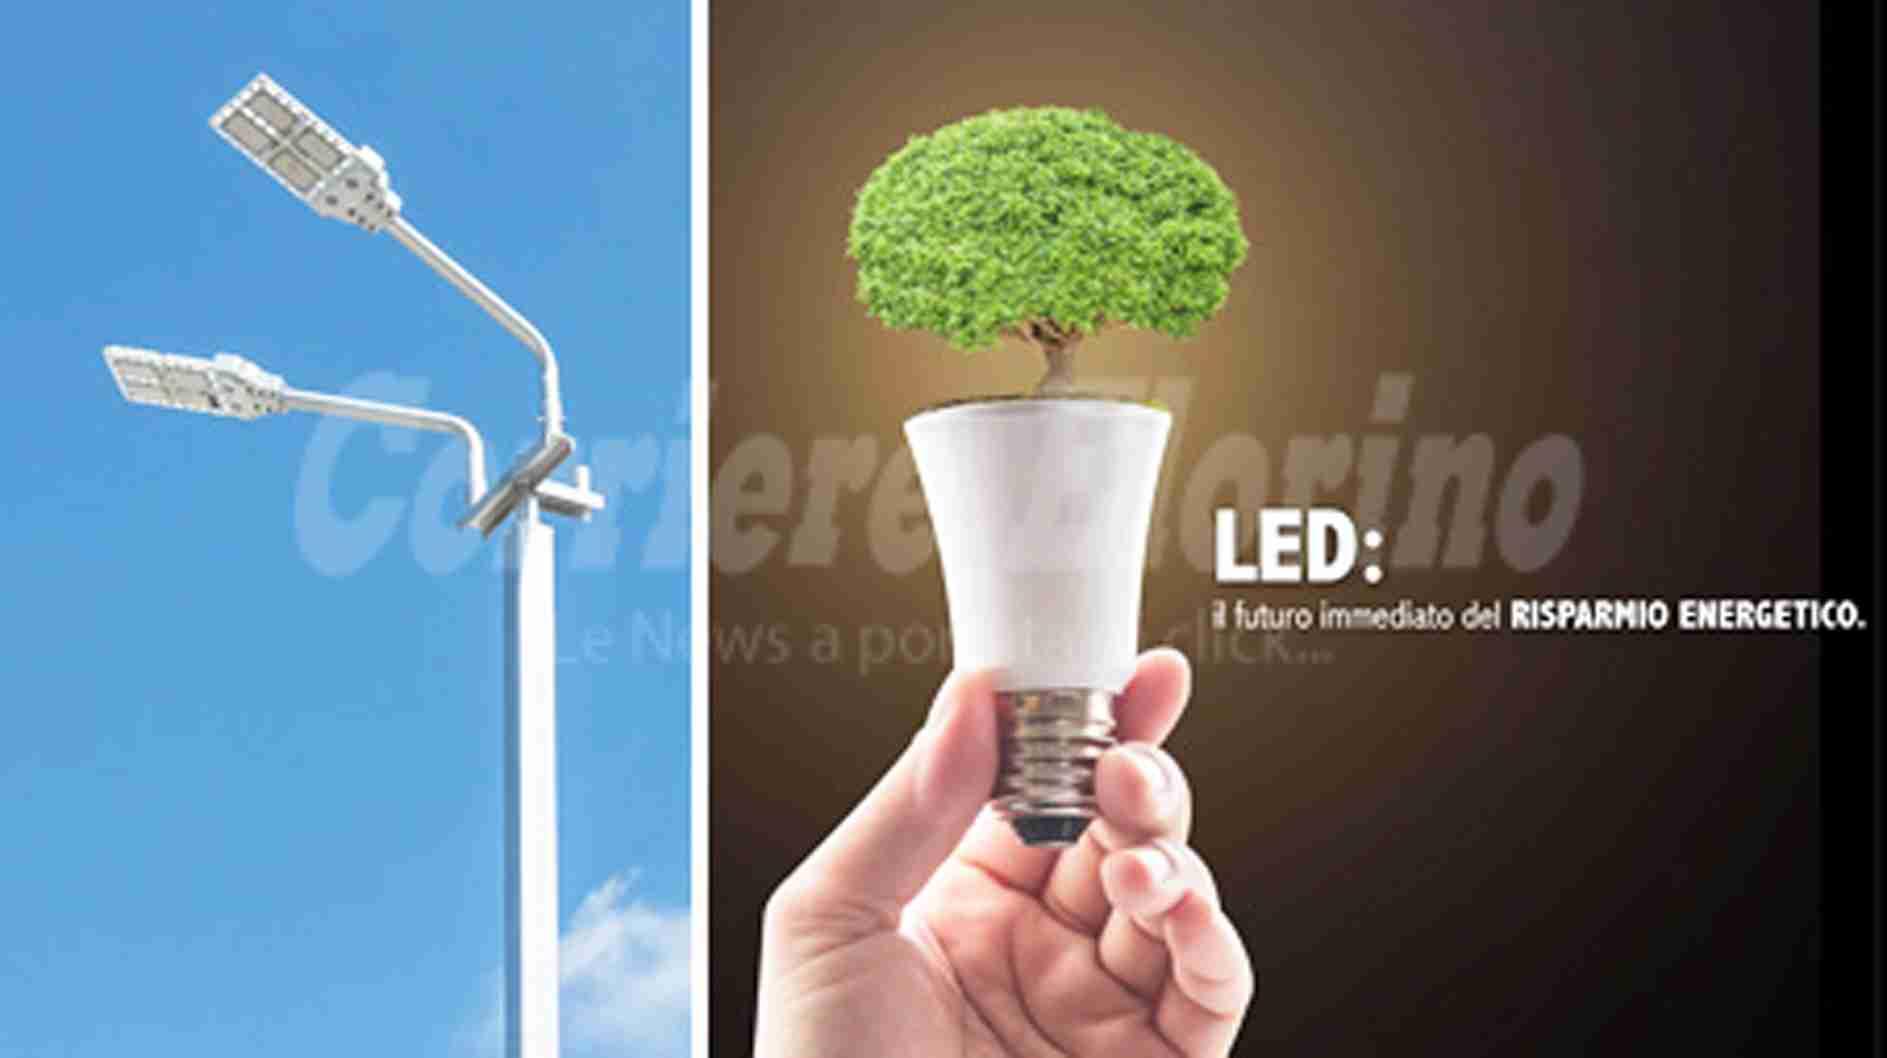 102.000 euro per il risparmio energetico, al via la gara per 400 nuovi corpi illuminanti a led